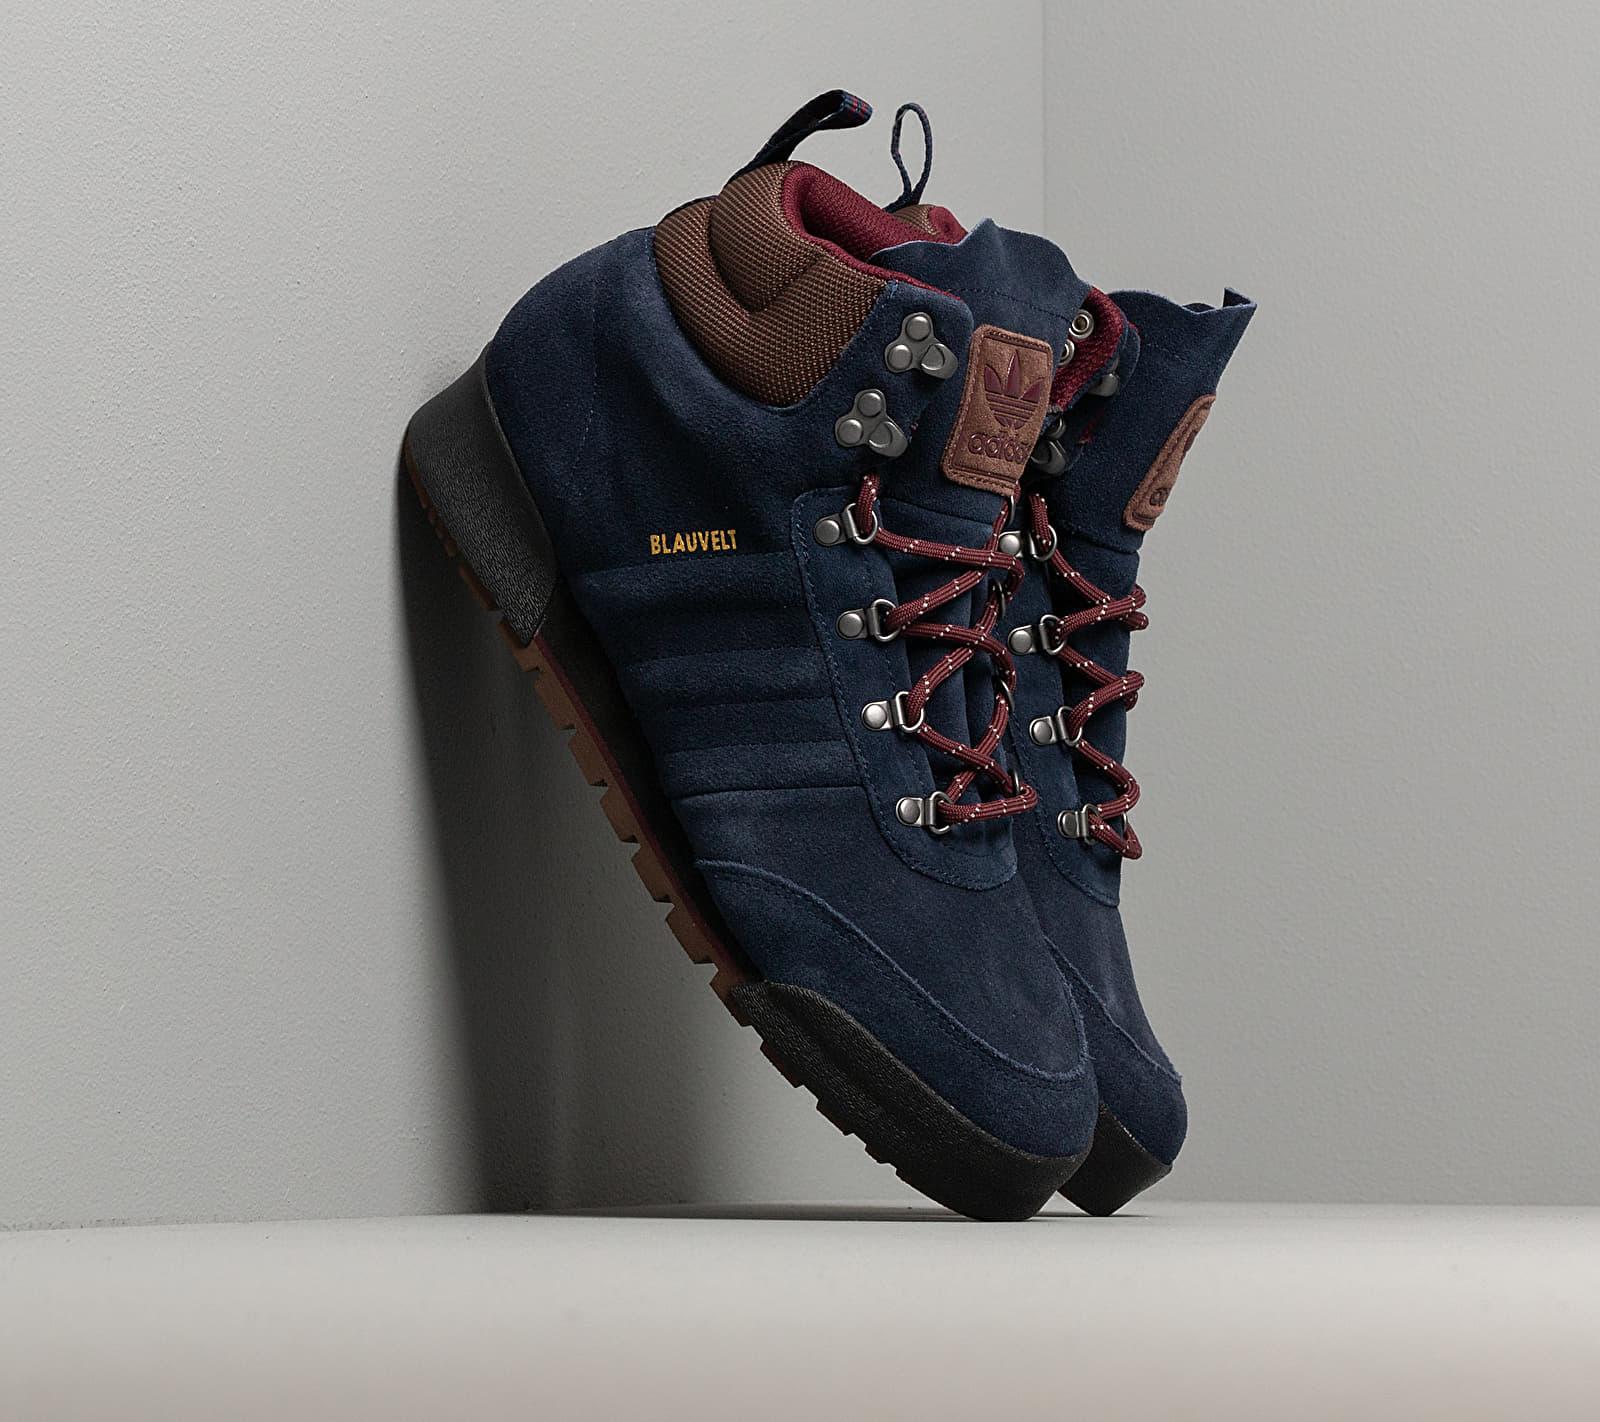 adidas Jake Boot 2.0 Collegiate Navy/ Maroon/ Brown EUR 45 1/3